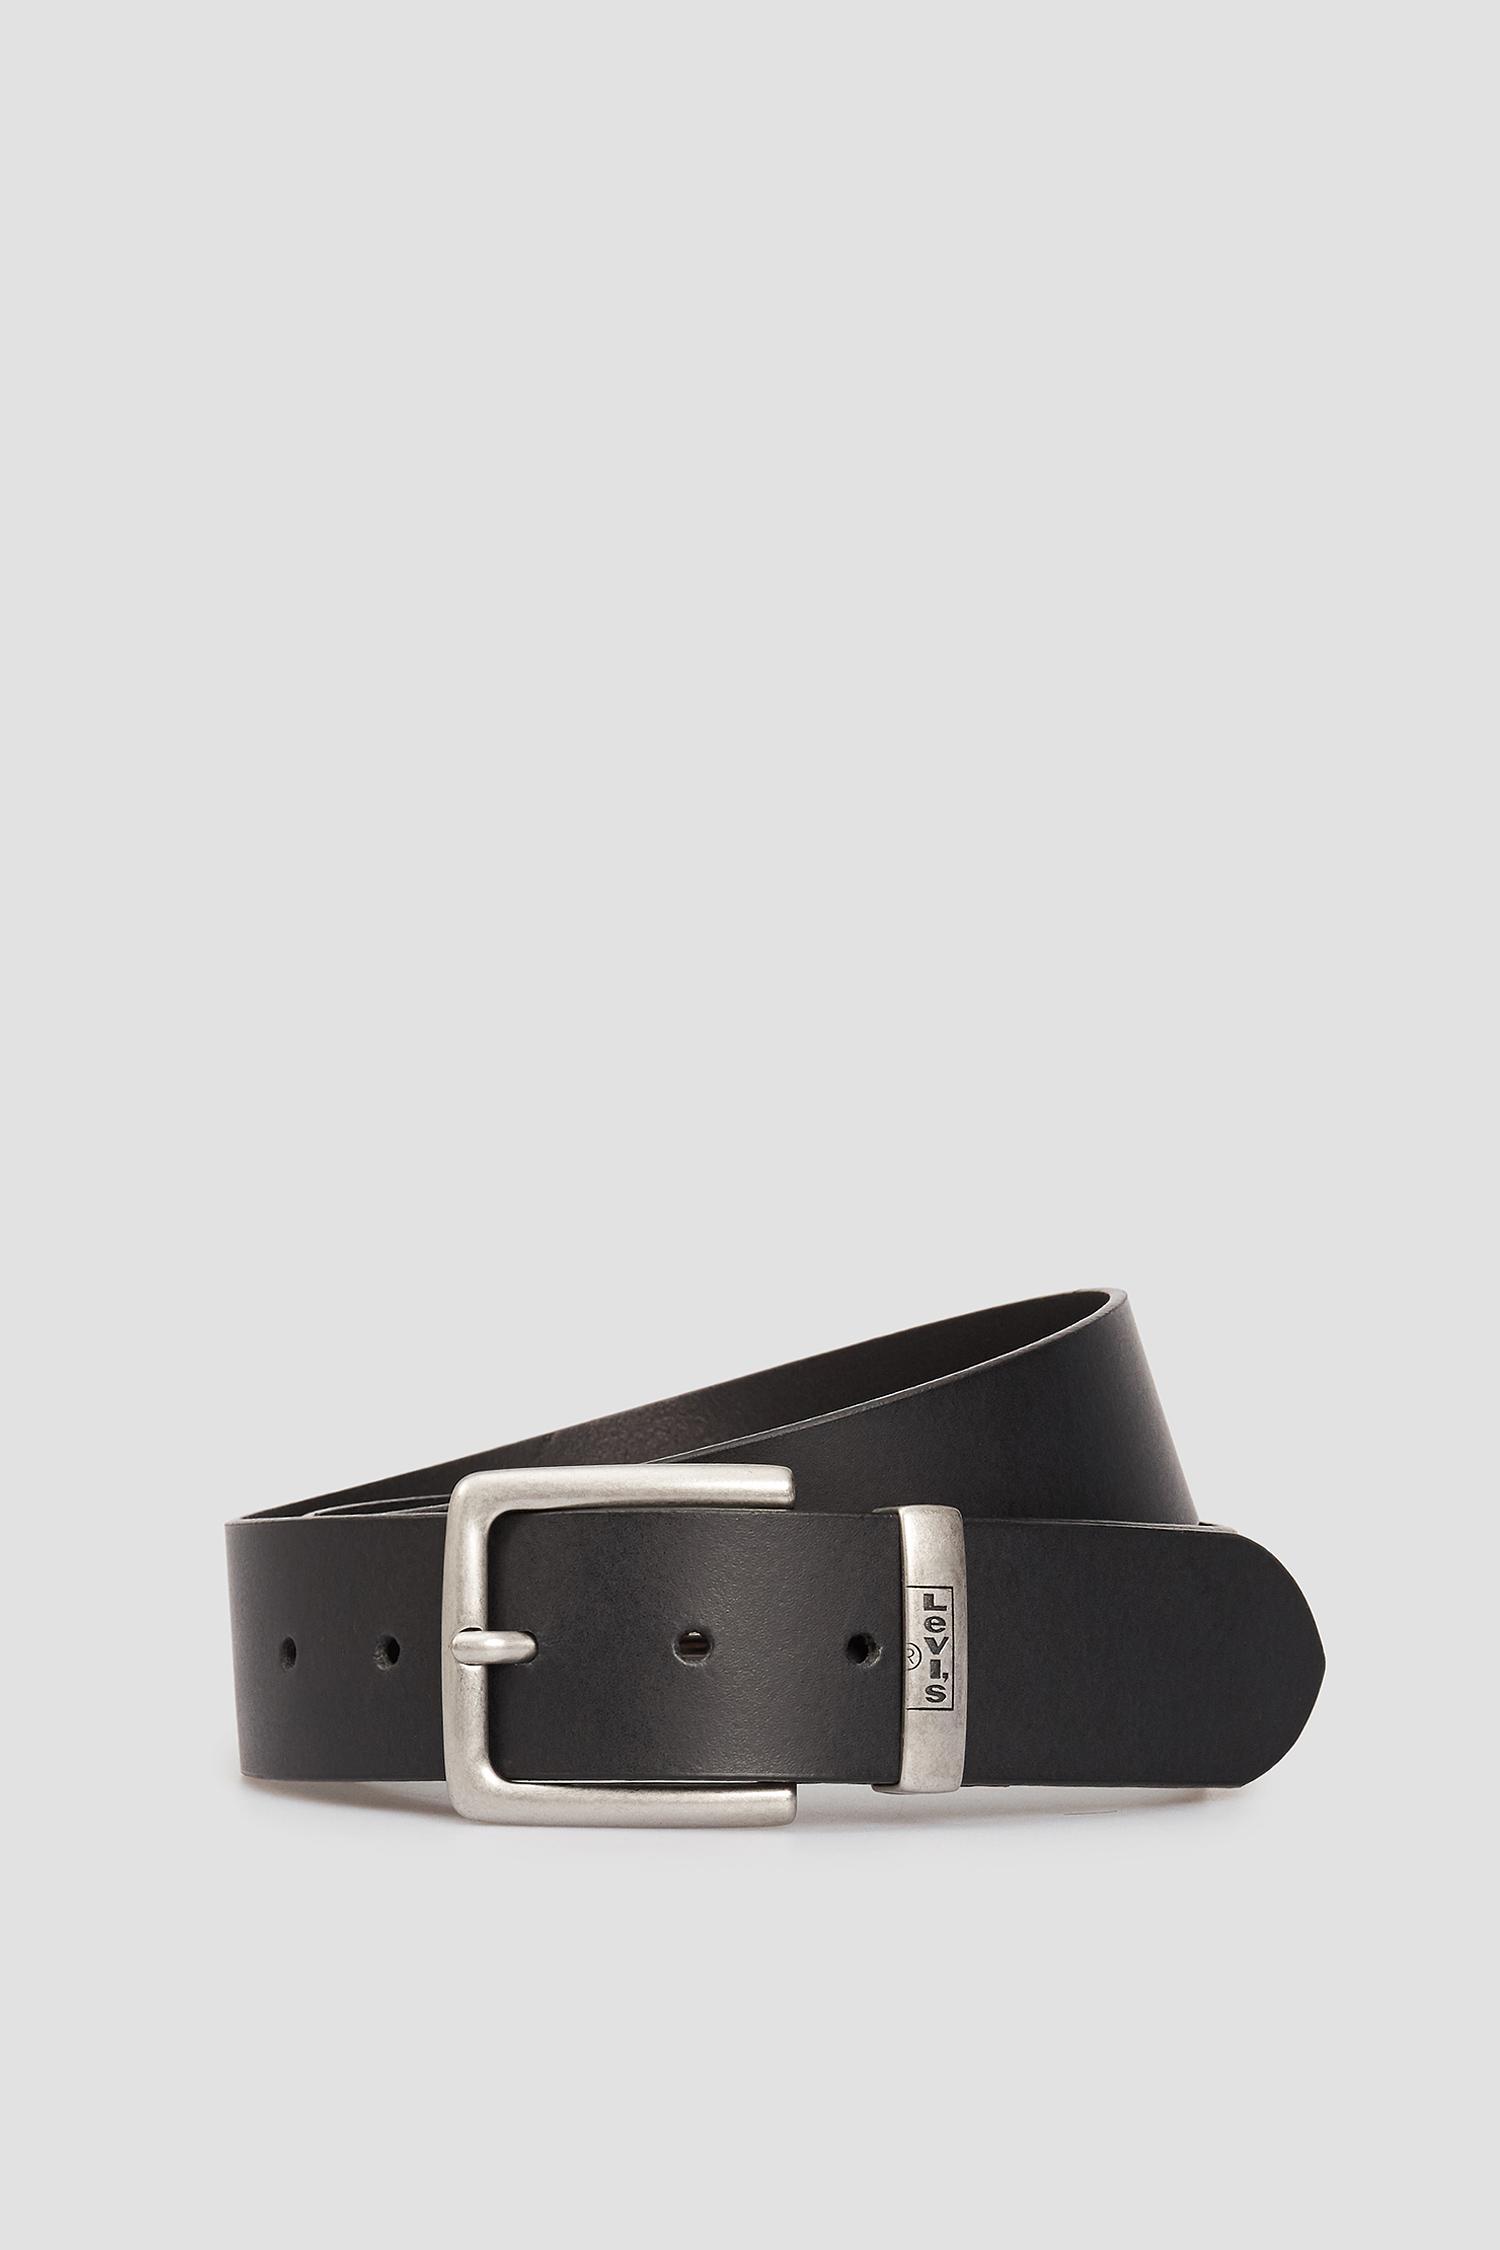 Мужской черный кожаный ремень Levi's 226928;3.59